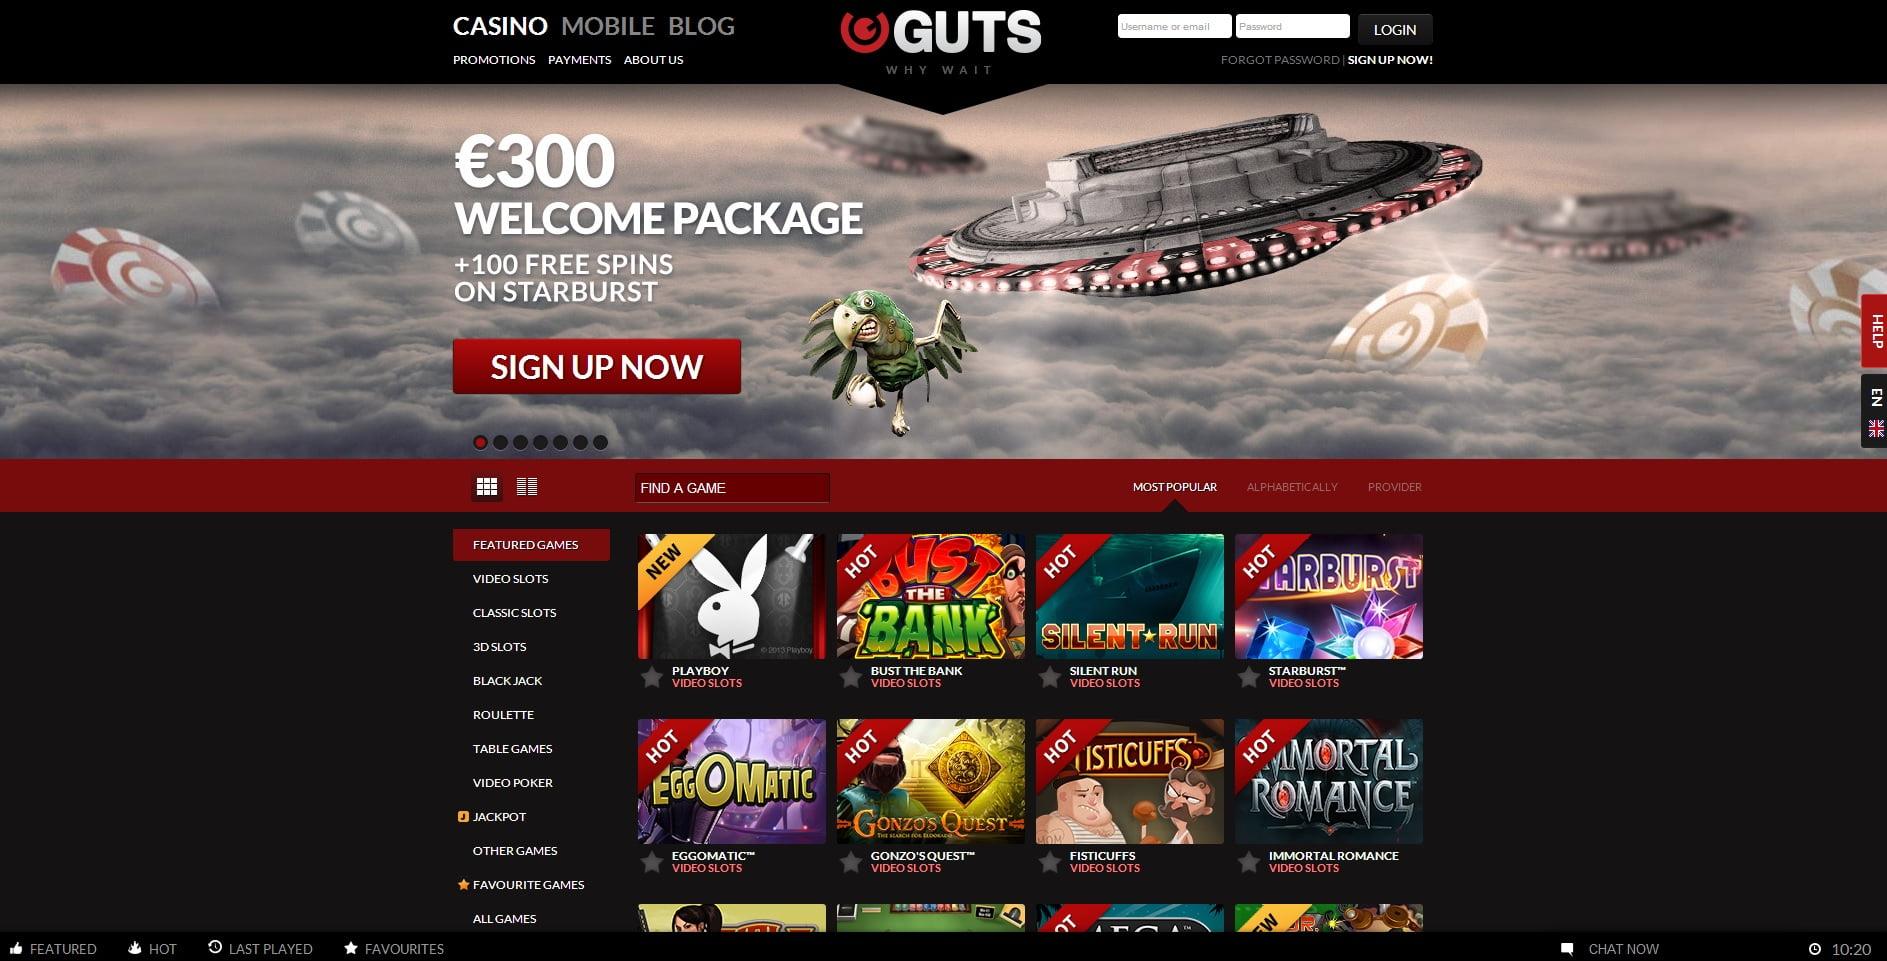 Gut shot casino resorts casino in indiana